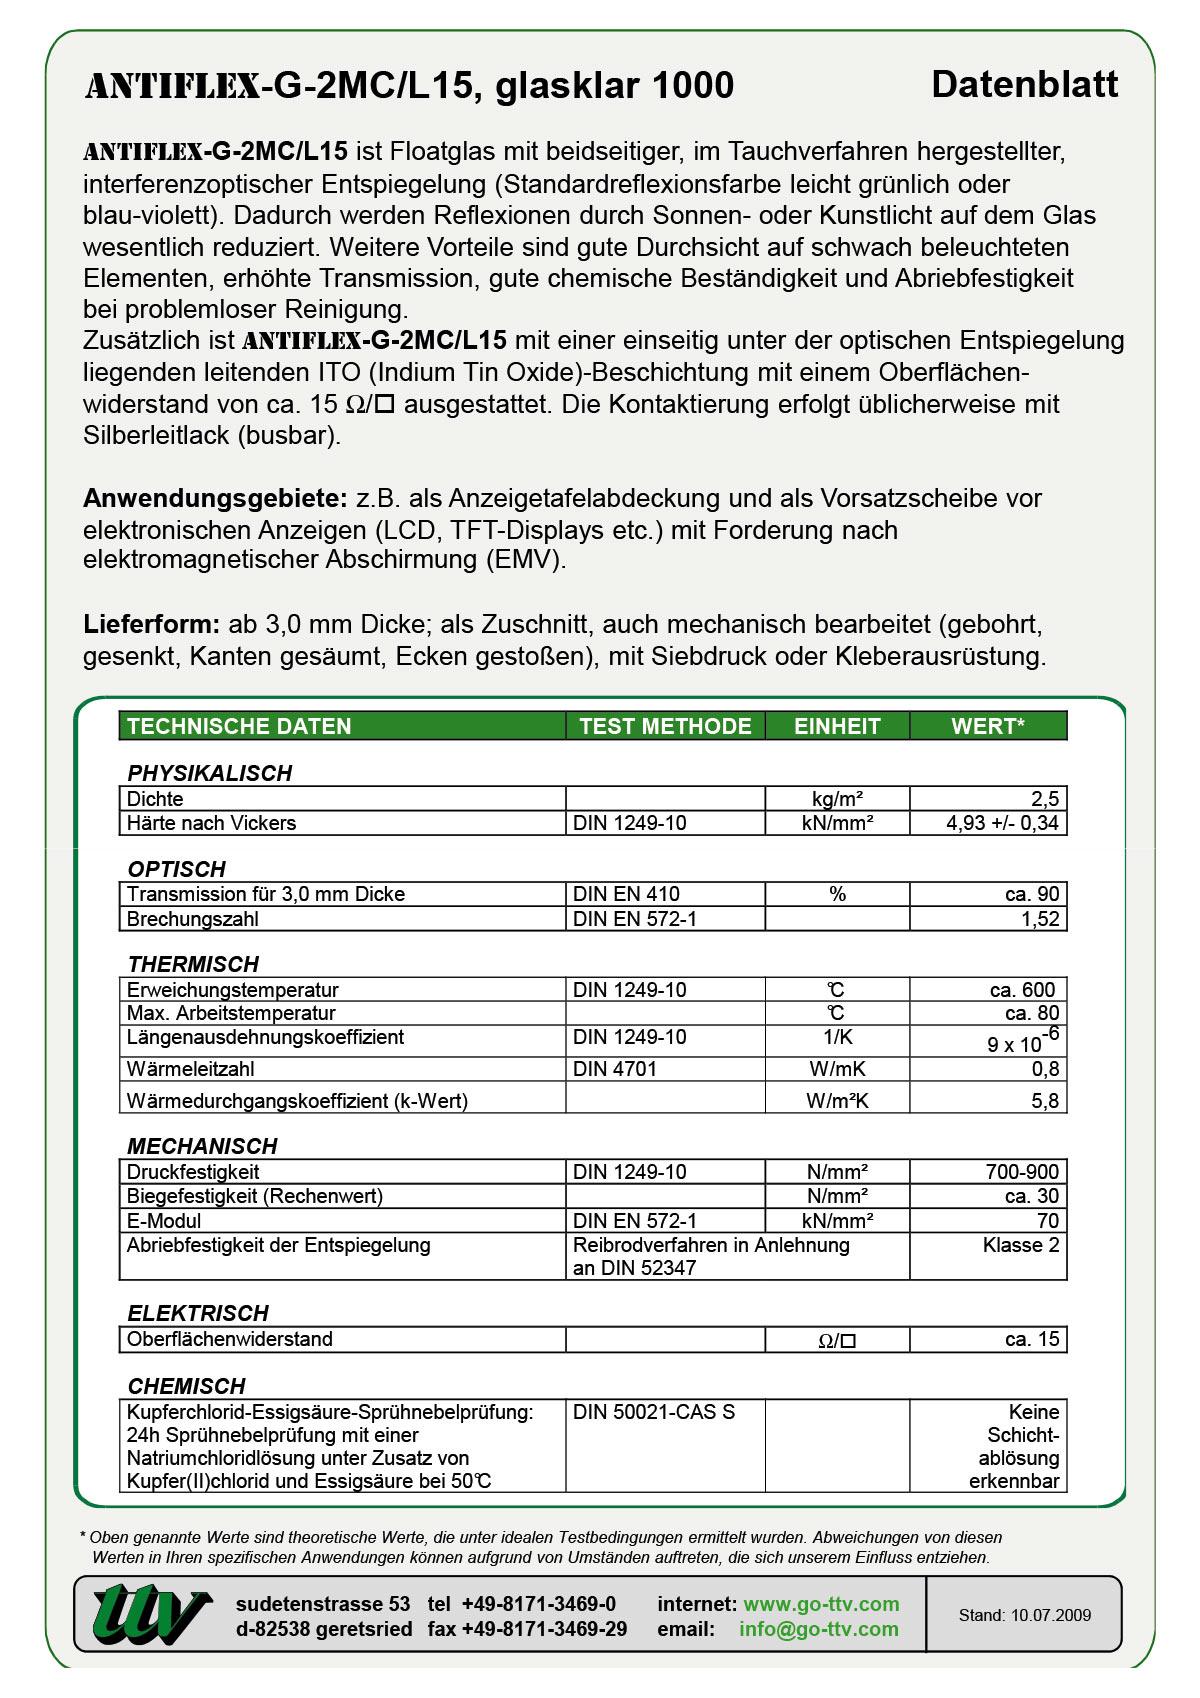 ANTIFLEX-G-2MC/L15 Datenblatt